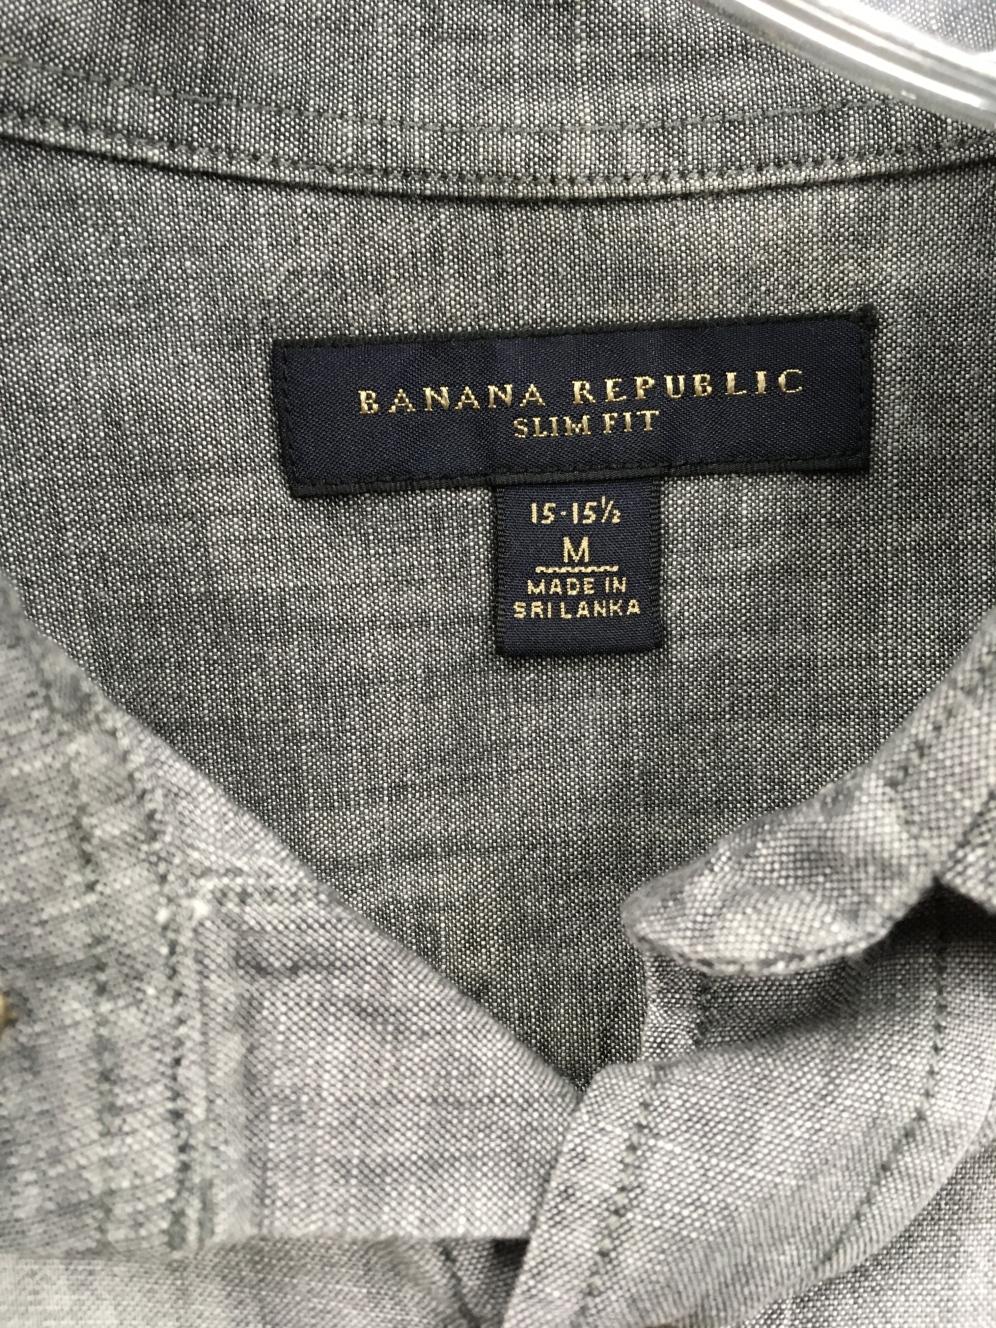 Shirt tag